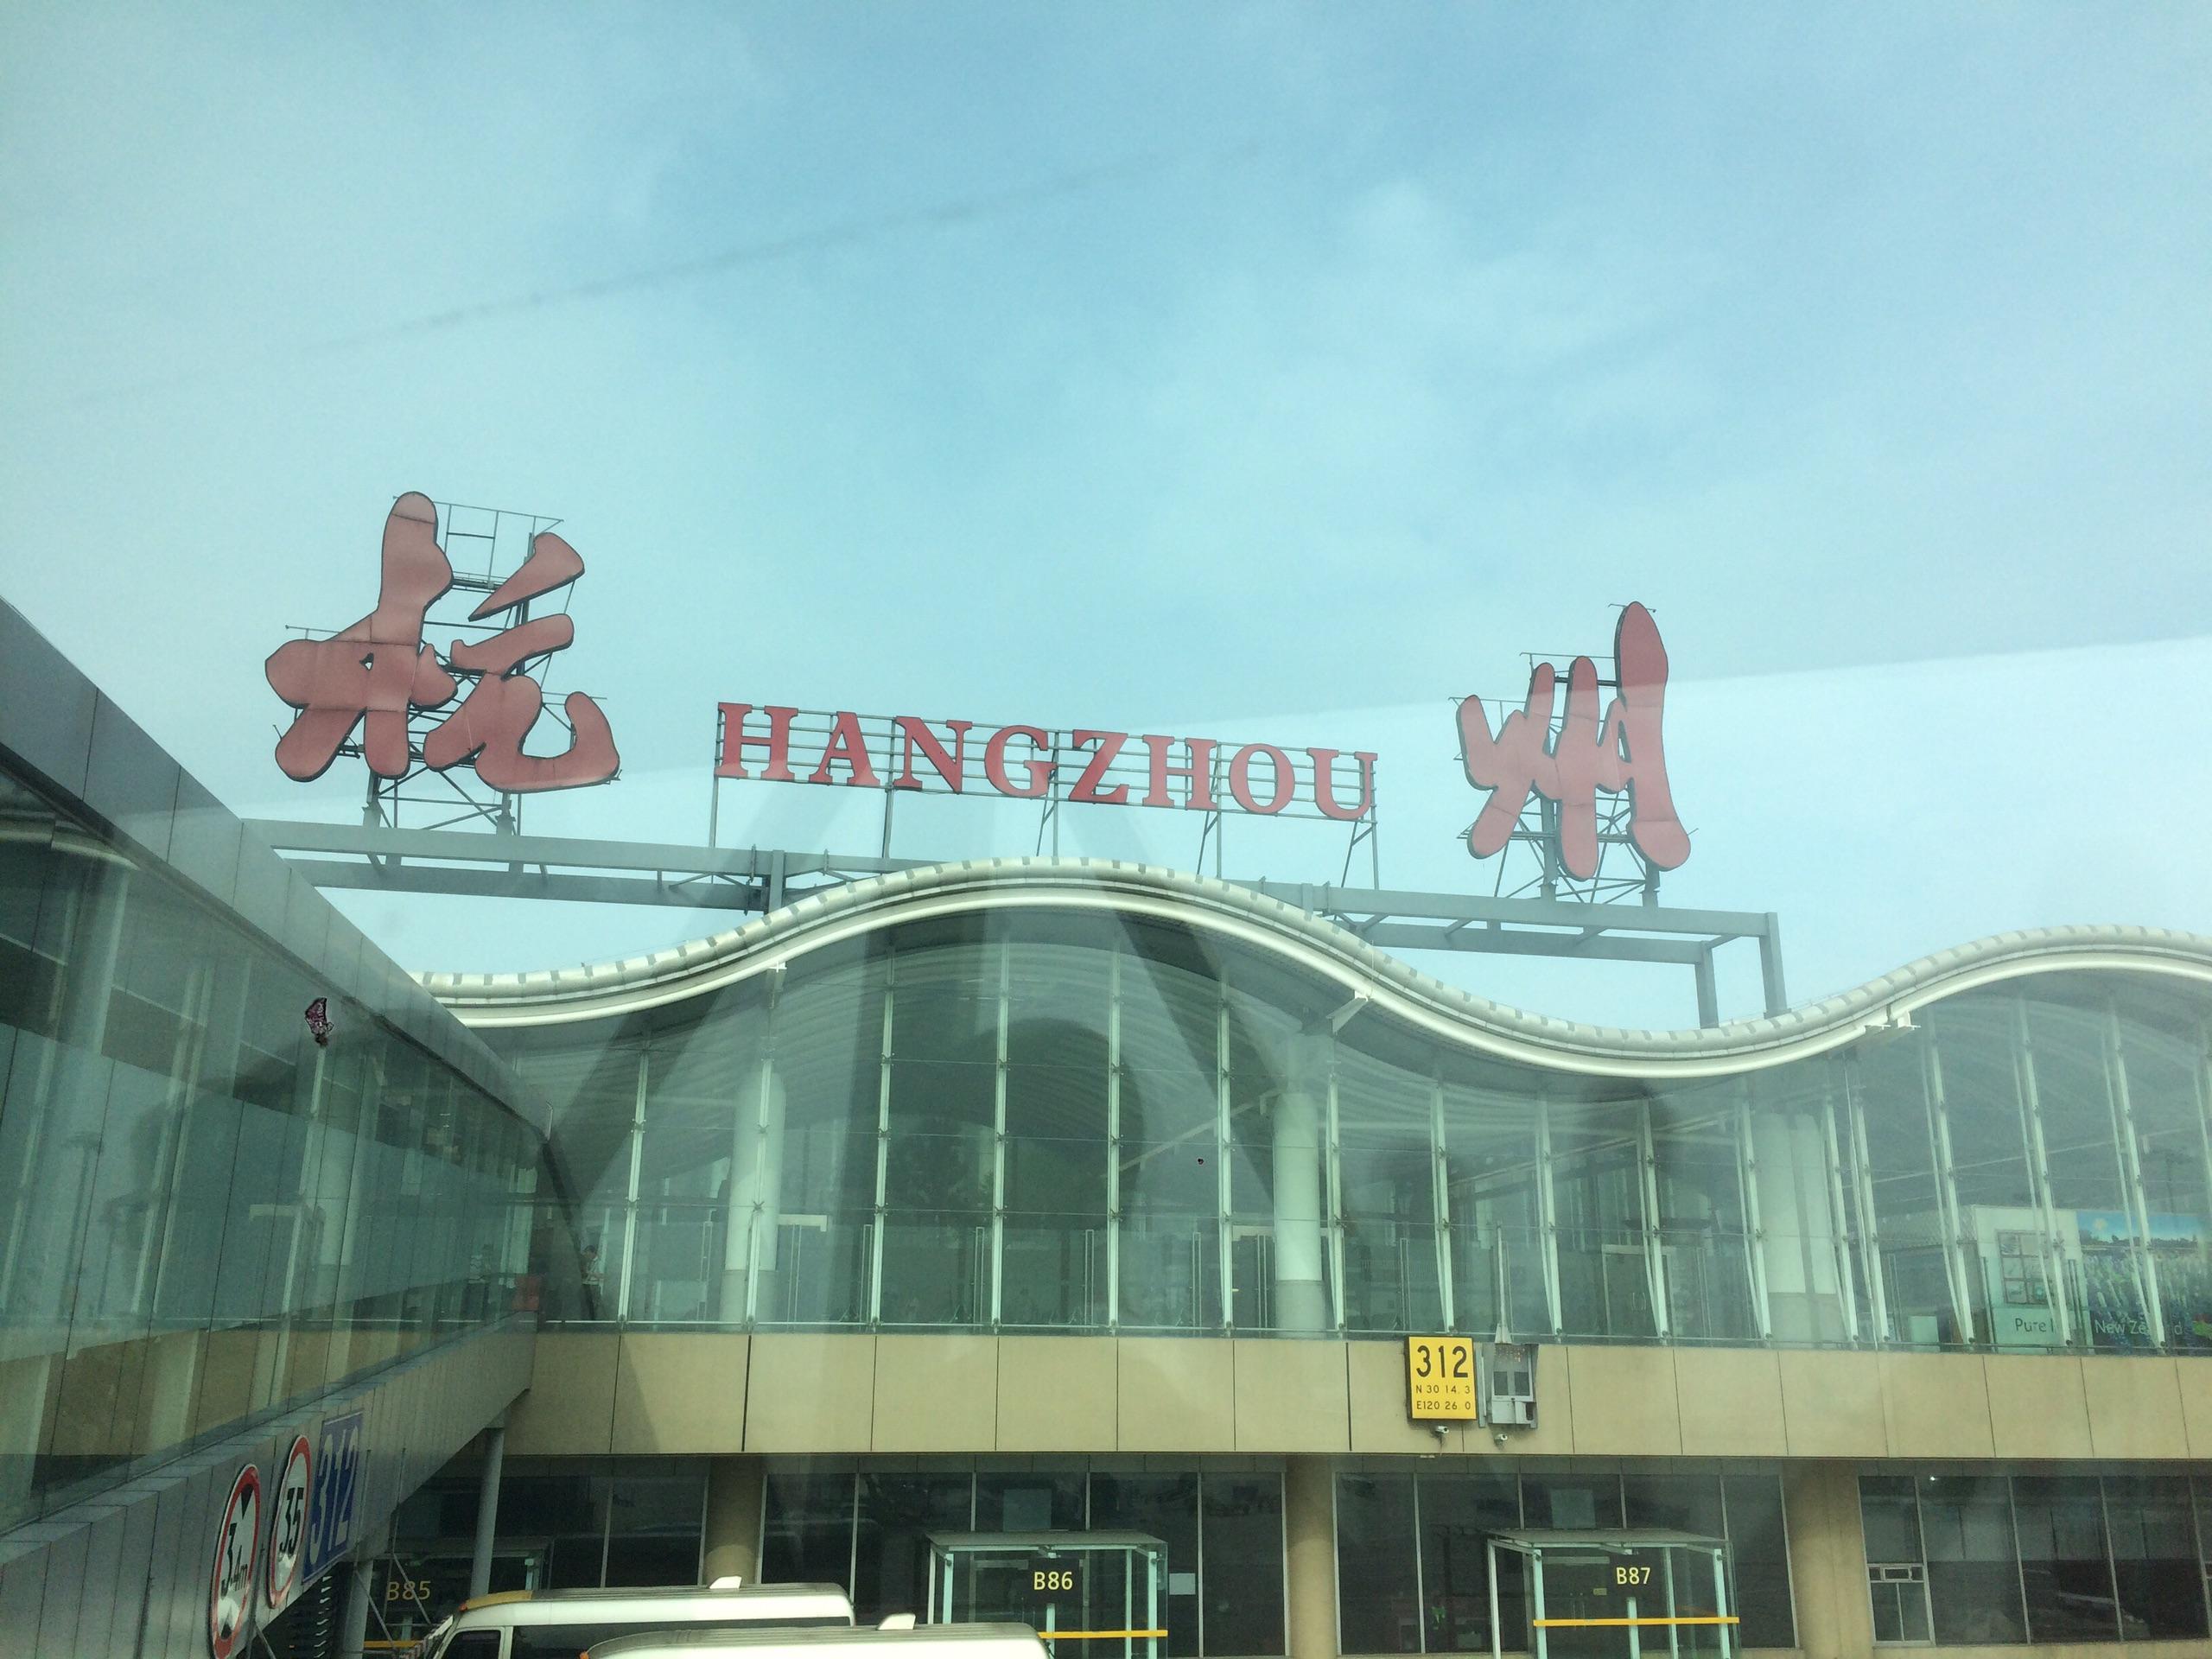 杭州萧山机场在哪里,怎么去杭州萧山机场